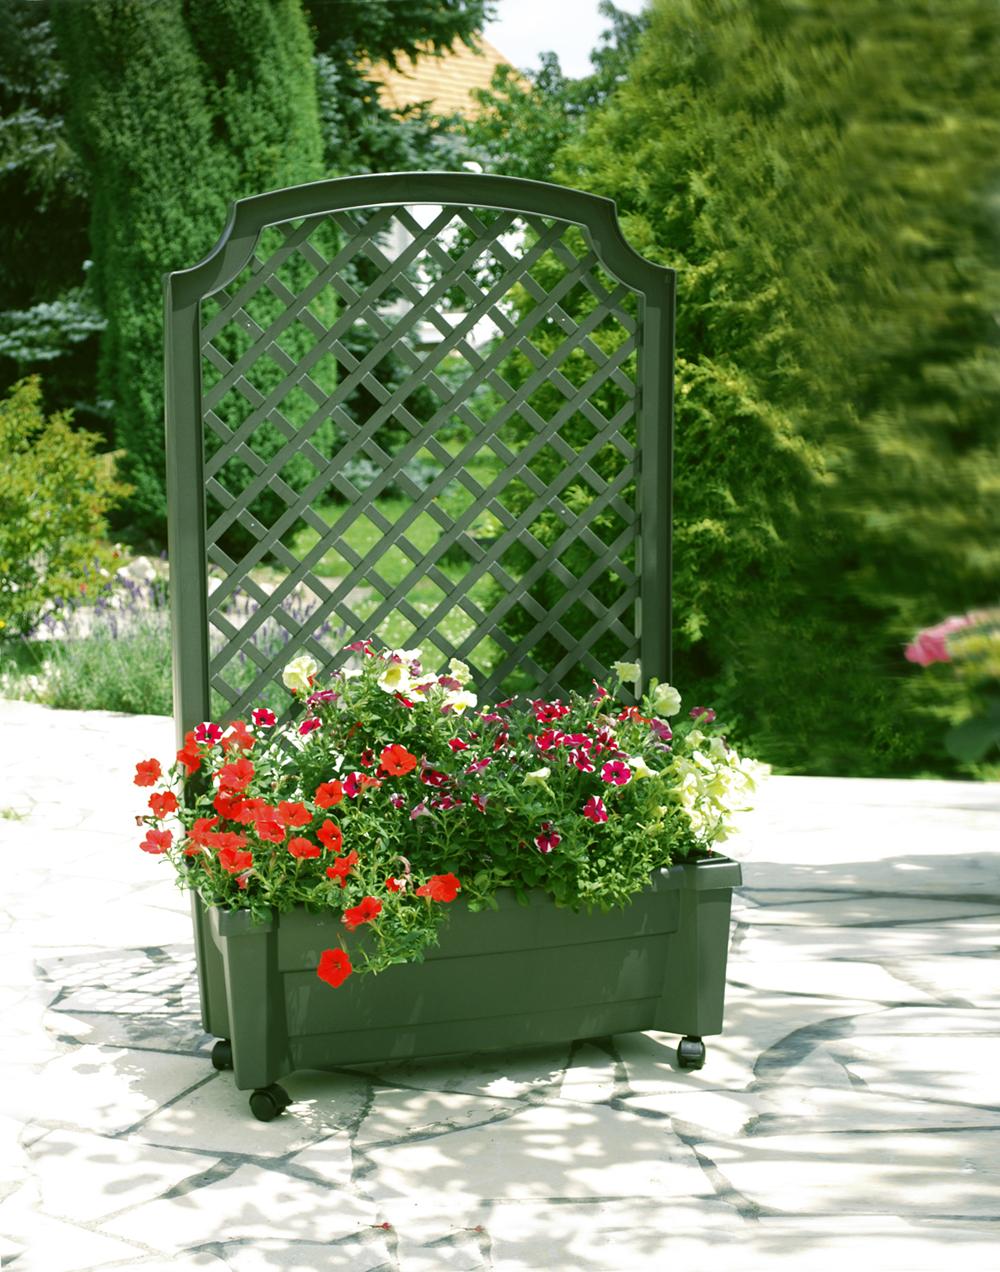 Ящик для растений KHW Калипсо GreenСадовые конструкции<br><br><br>Тип: ящик для растений<br>Объем, л: 42<br>Материал : полипропилен<br>Шпалера в комплекте: есть<br>Колеса: есть